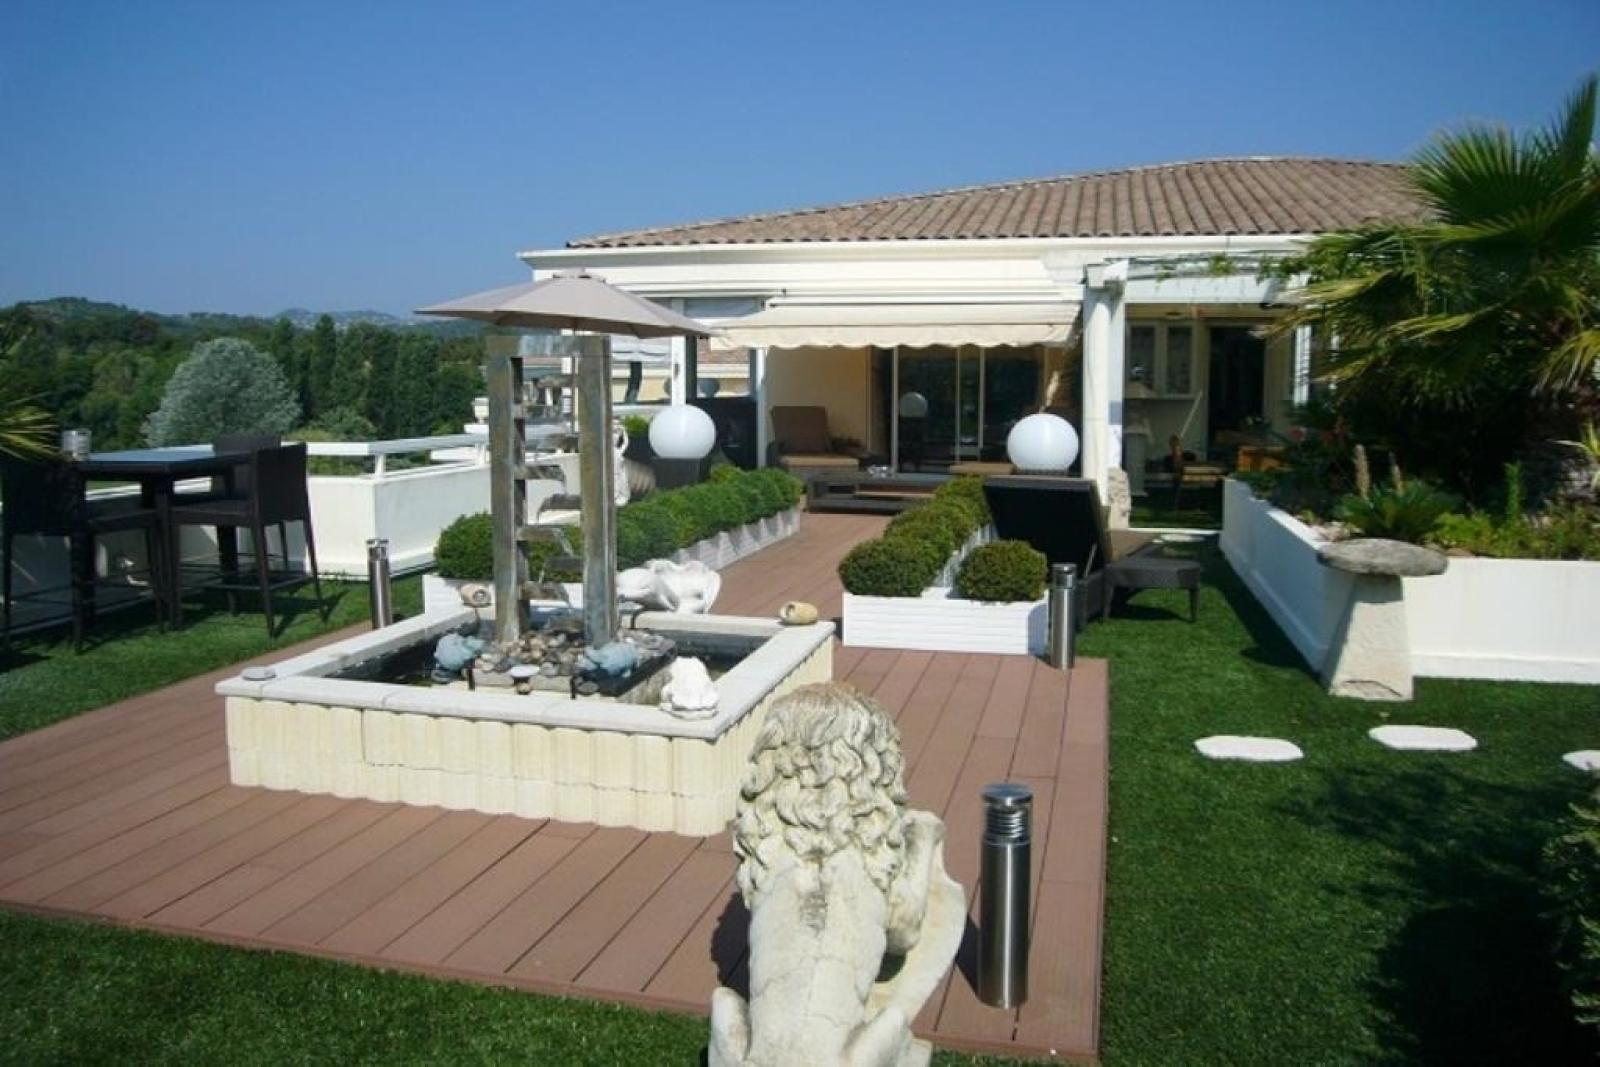 FOR_SALE Mandelieu-la-Napoule Apartment